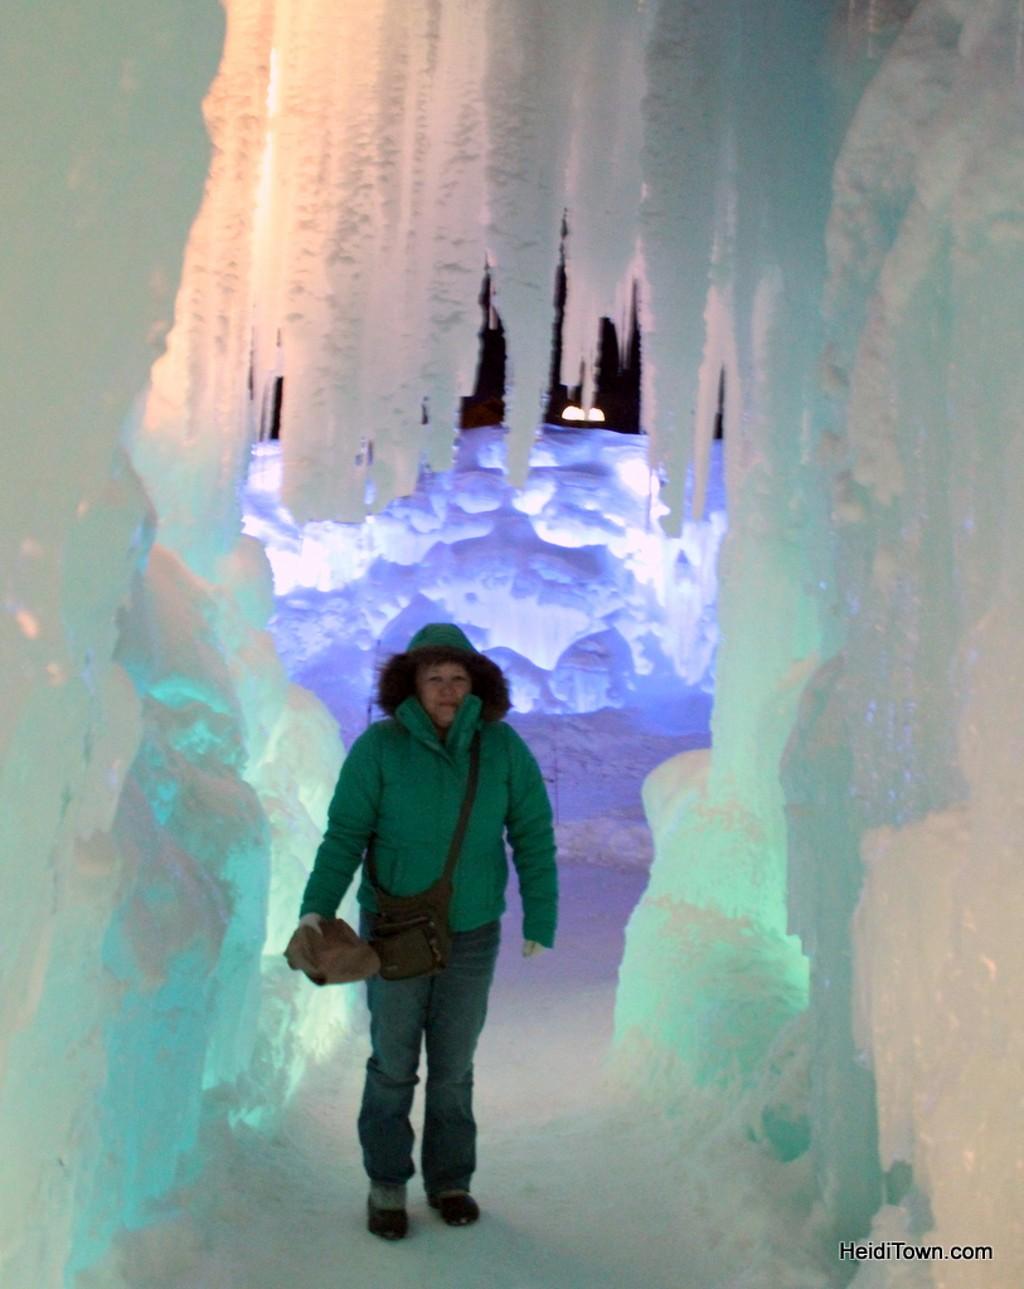 at the ice castle sin Breckenridge, Colorado. HeidiTown.com